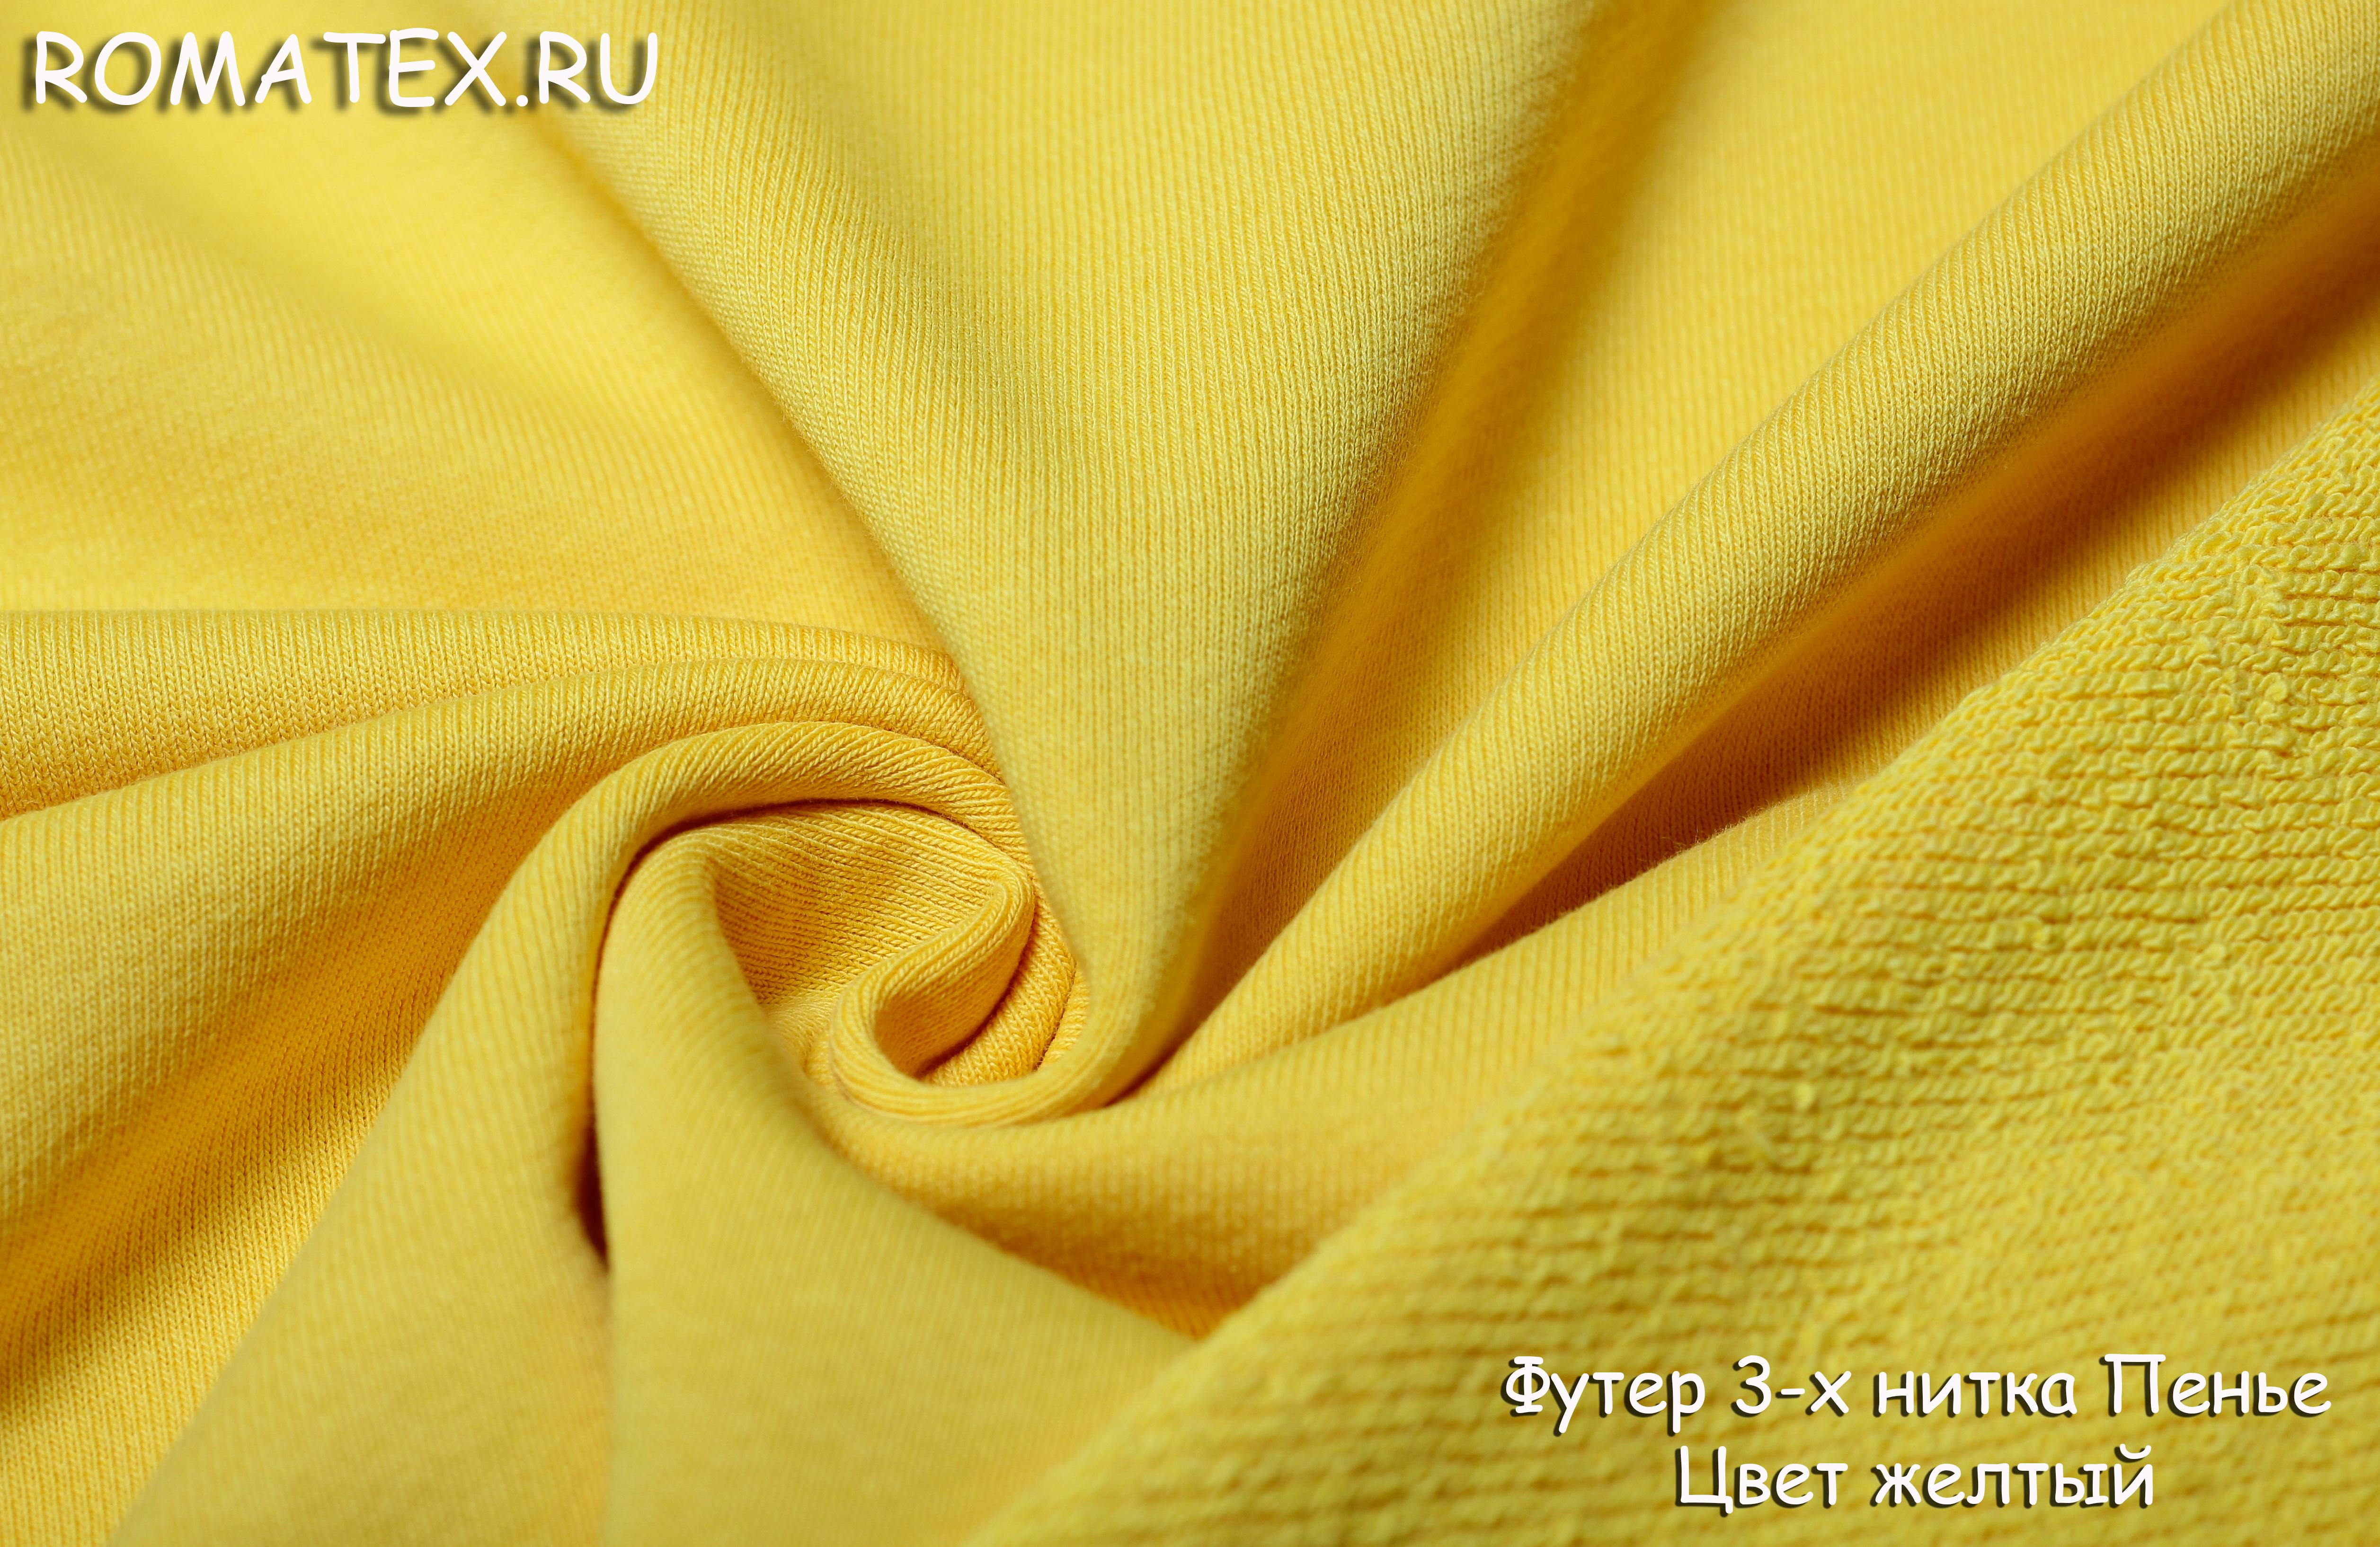 Футер 3-х нитка петля качество Компак пенье цвет жёлтый